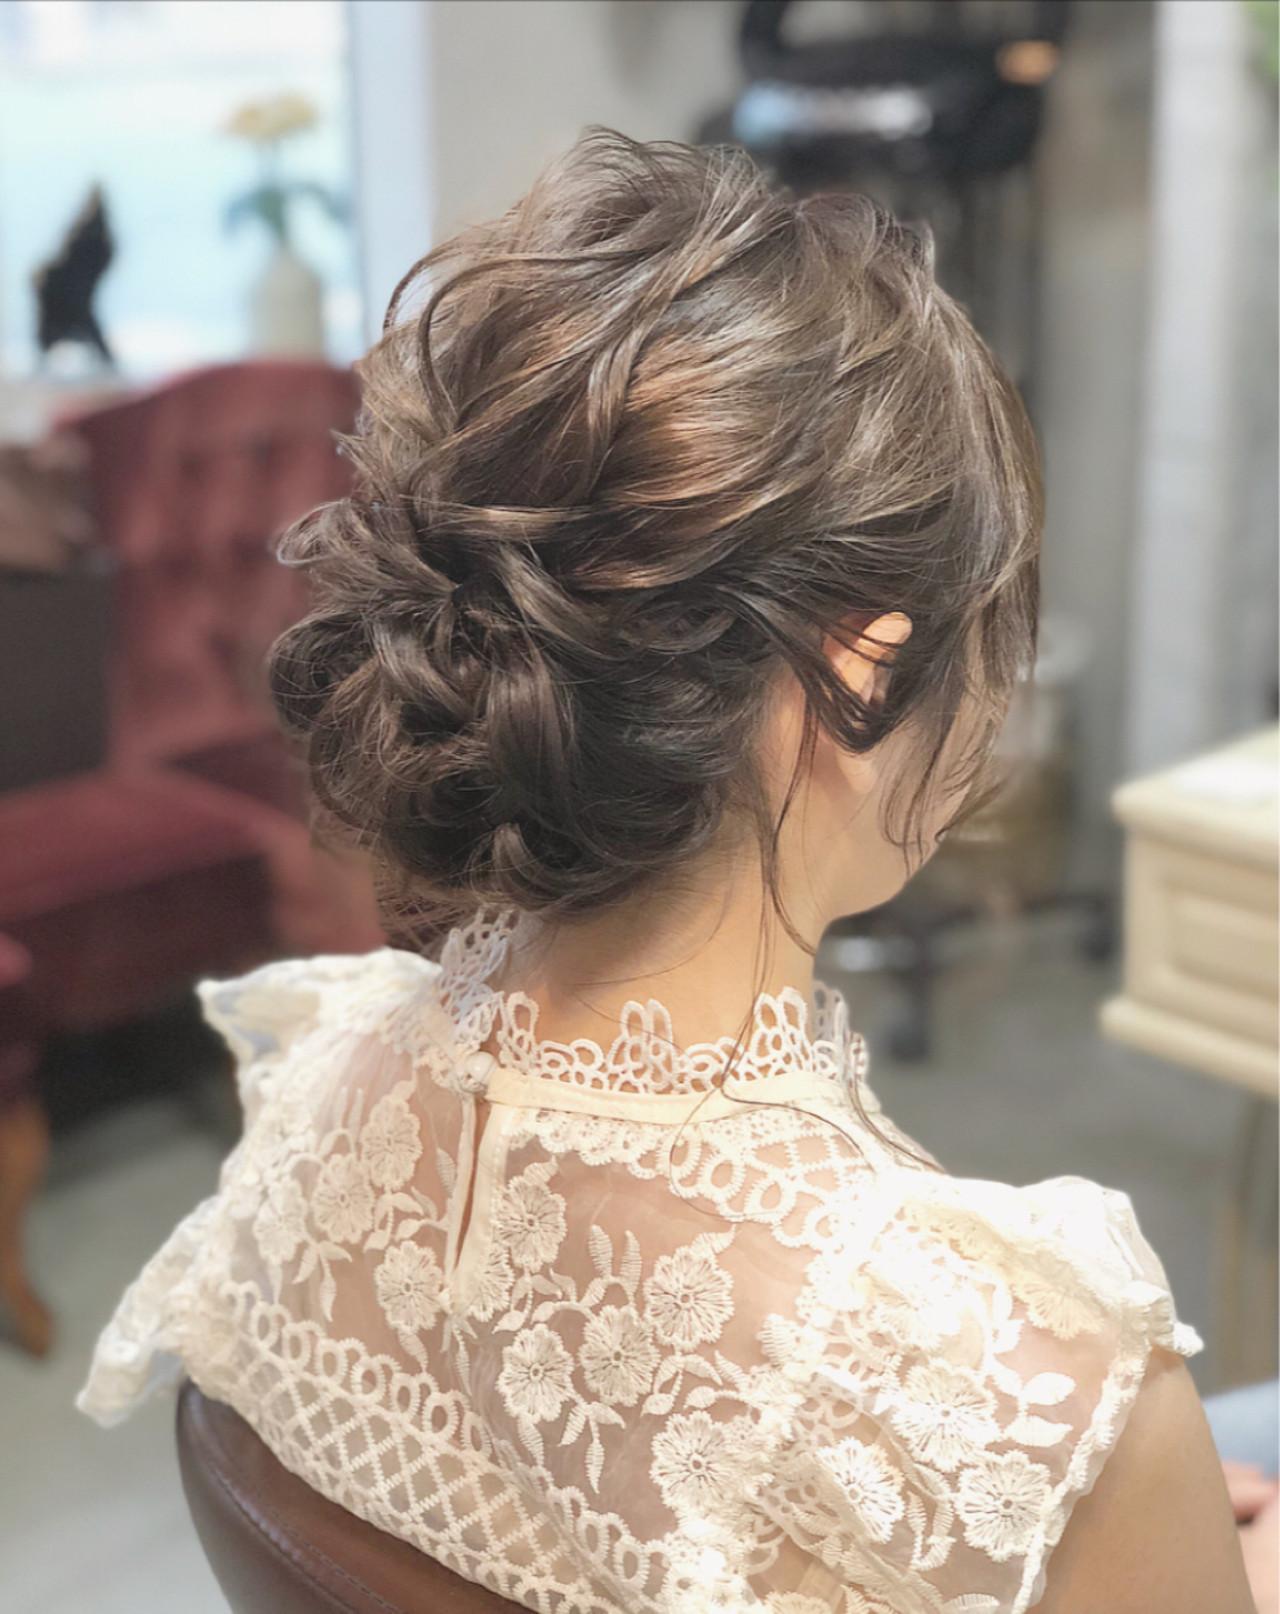 ミディアム 成人式 シニヨン 大人かわいい ヘアスタイルや髪型の写真・画像